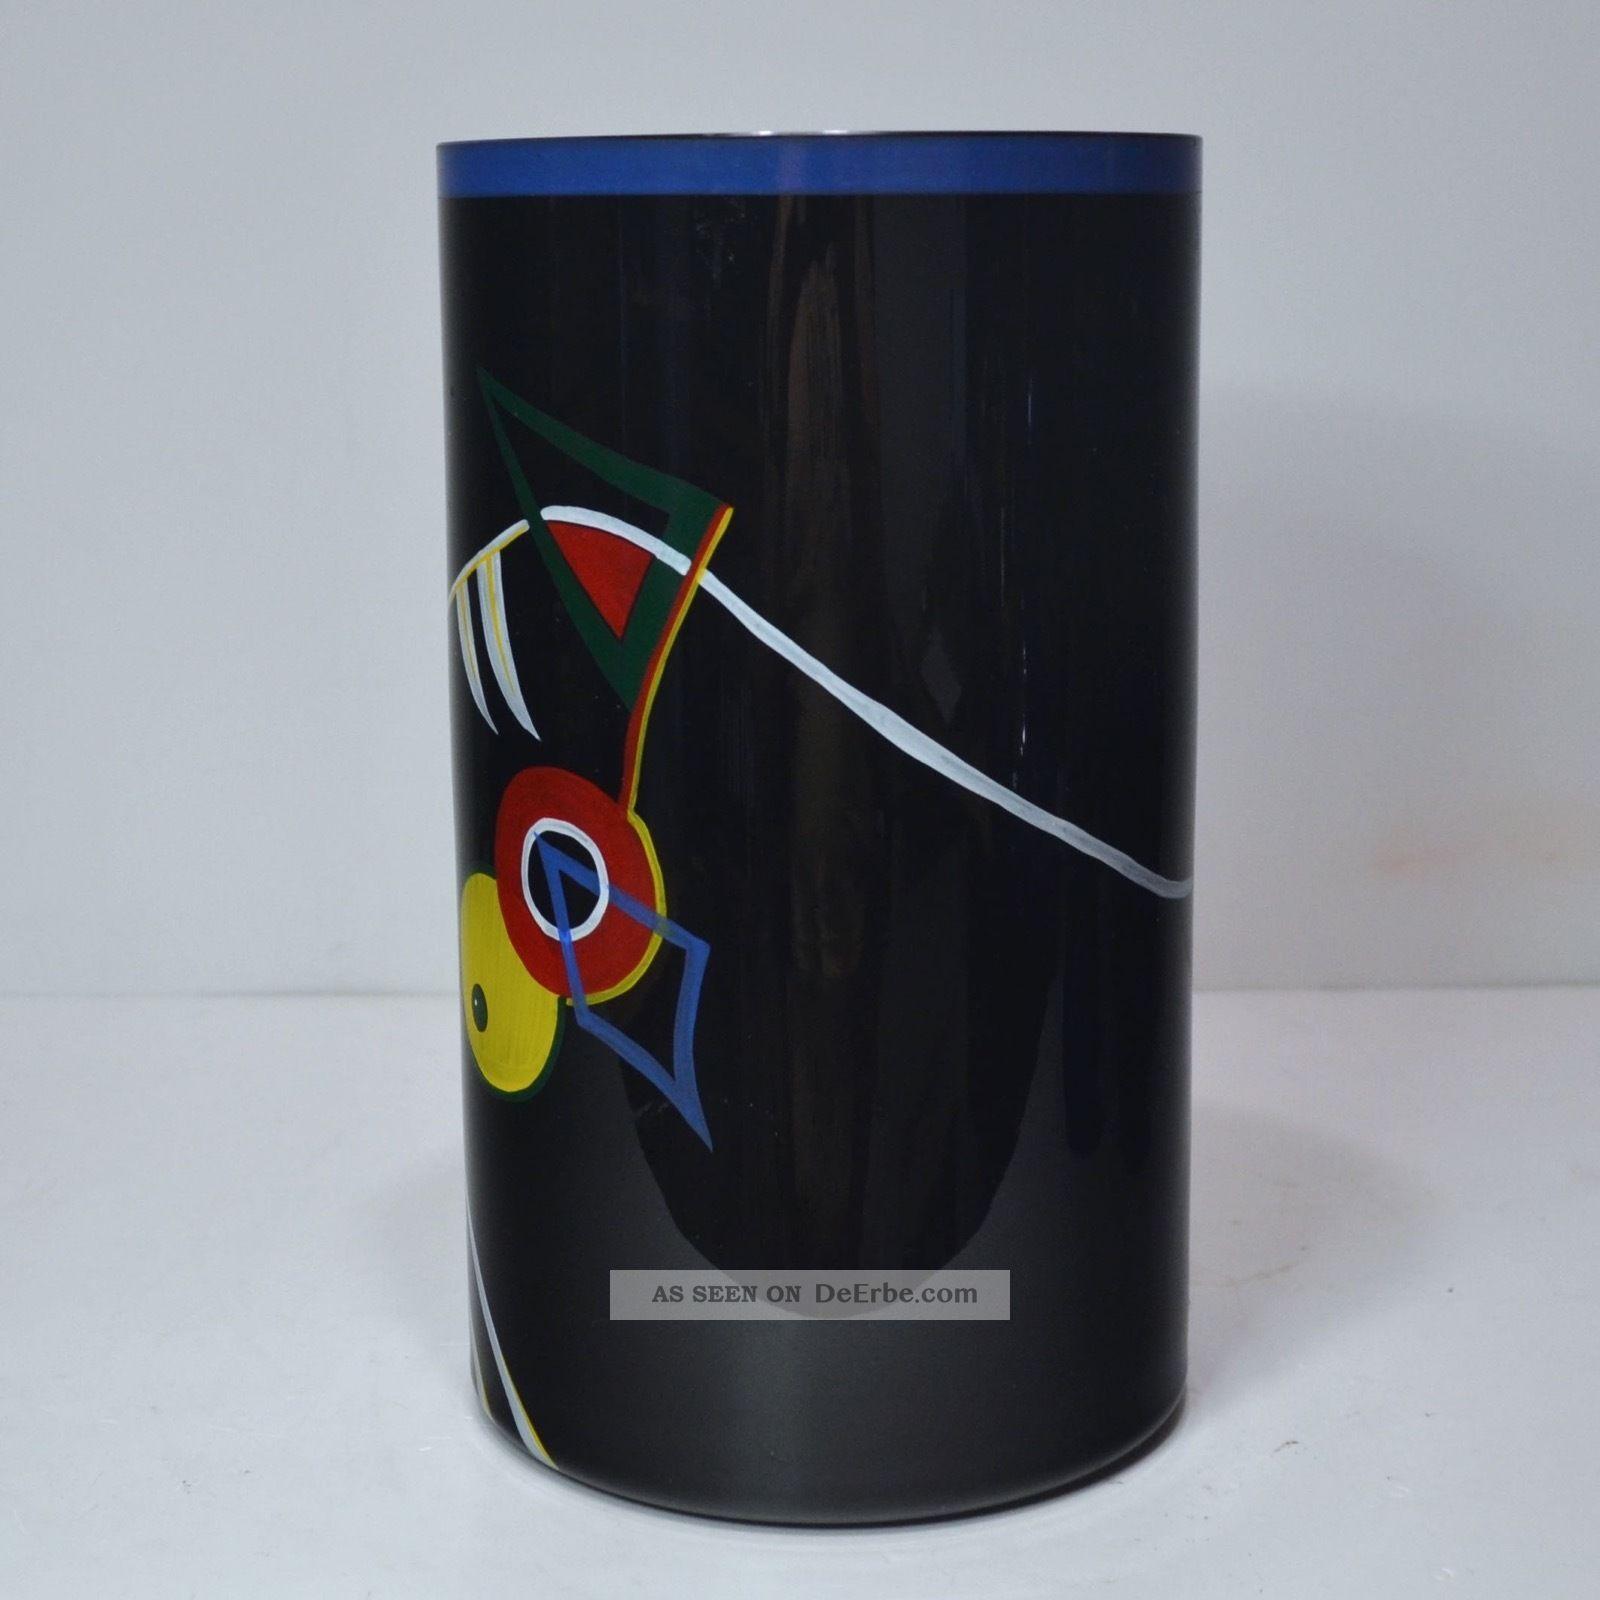 Künstler Zylinder - Vase Entw.  Werner Liebl Für Glashütte Eisch 1992 26/170 Sammlerglas Bild